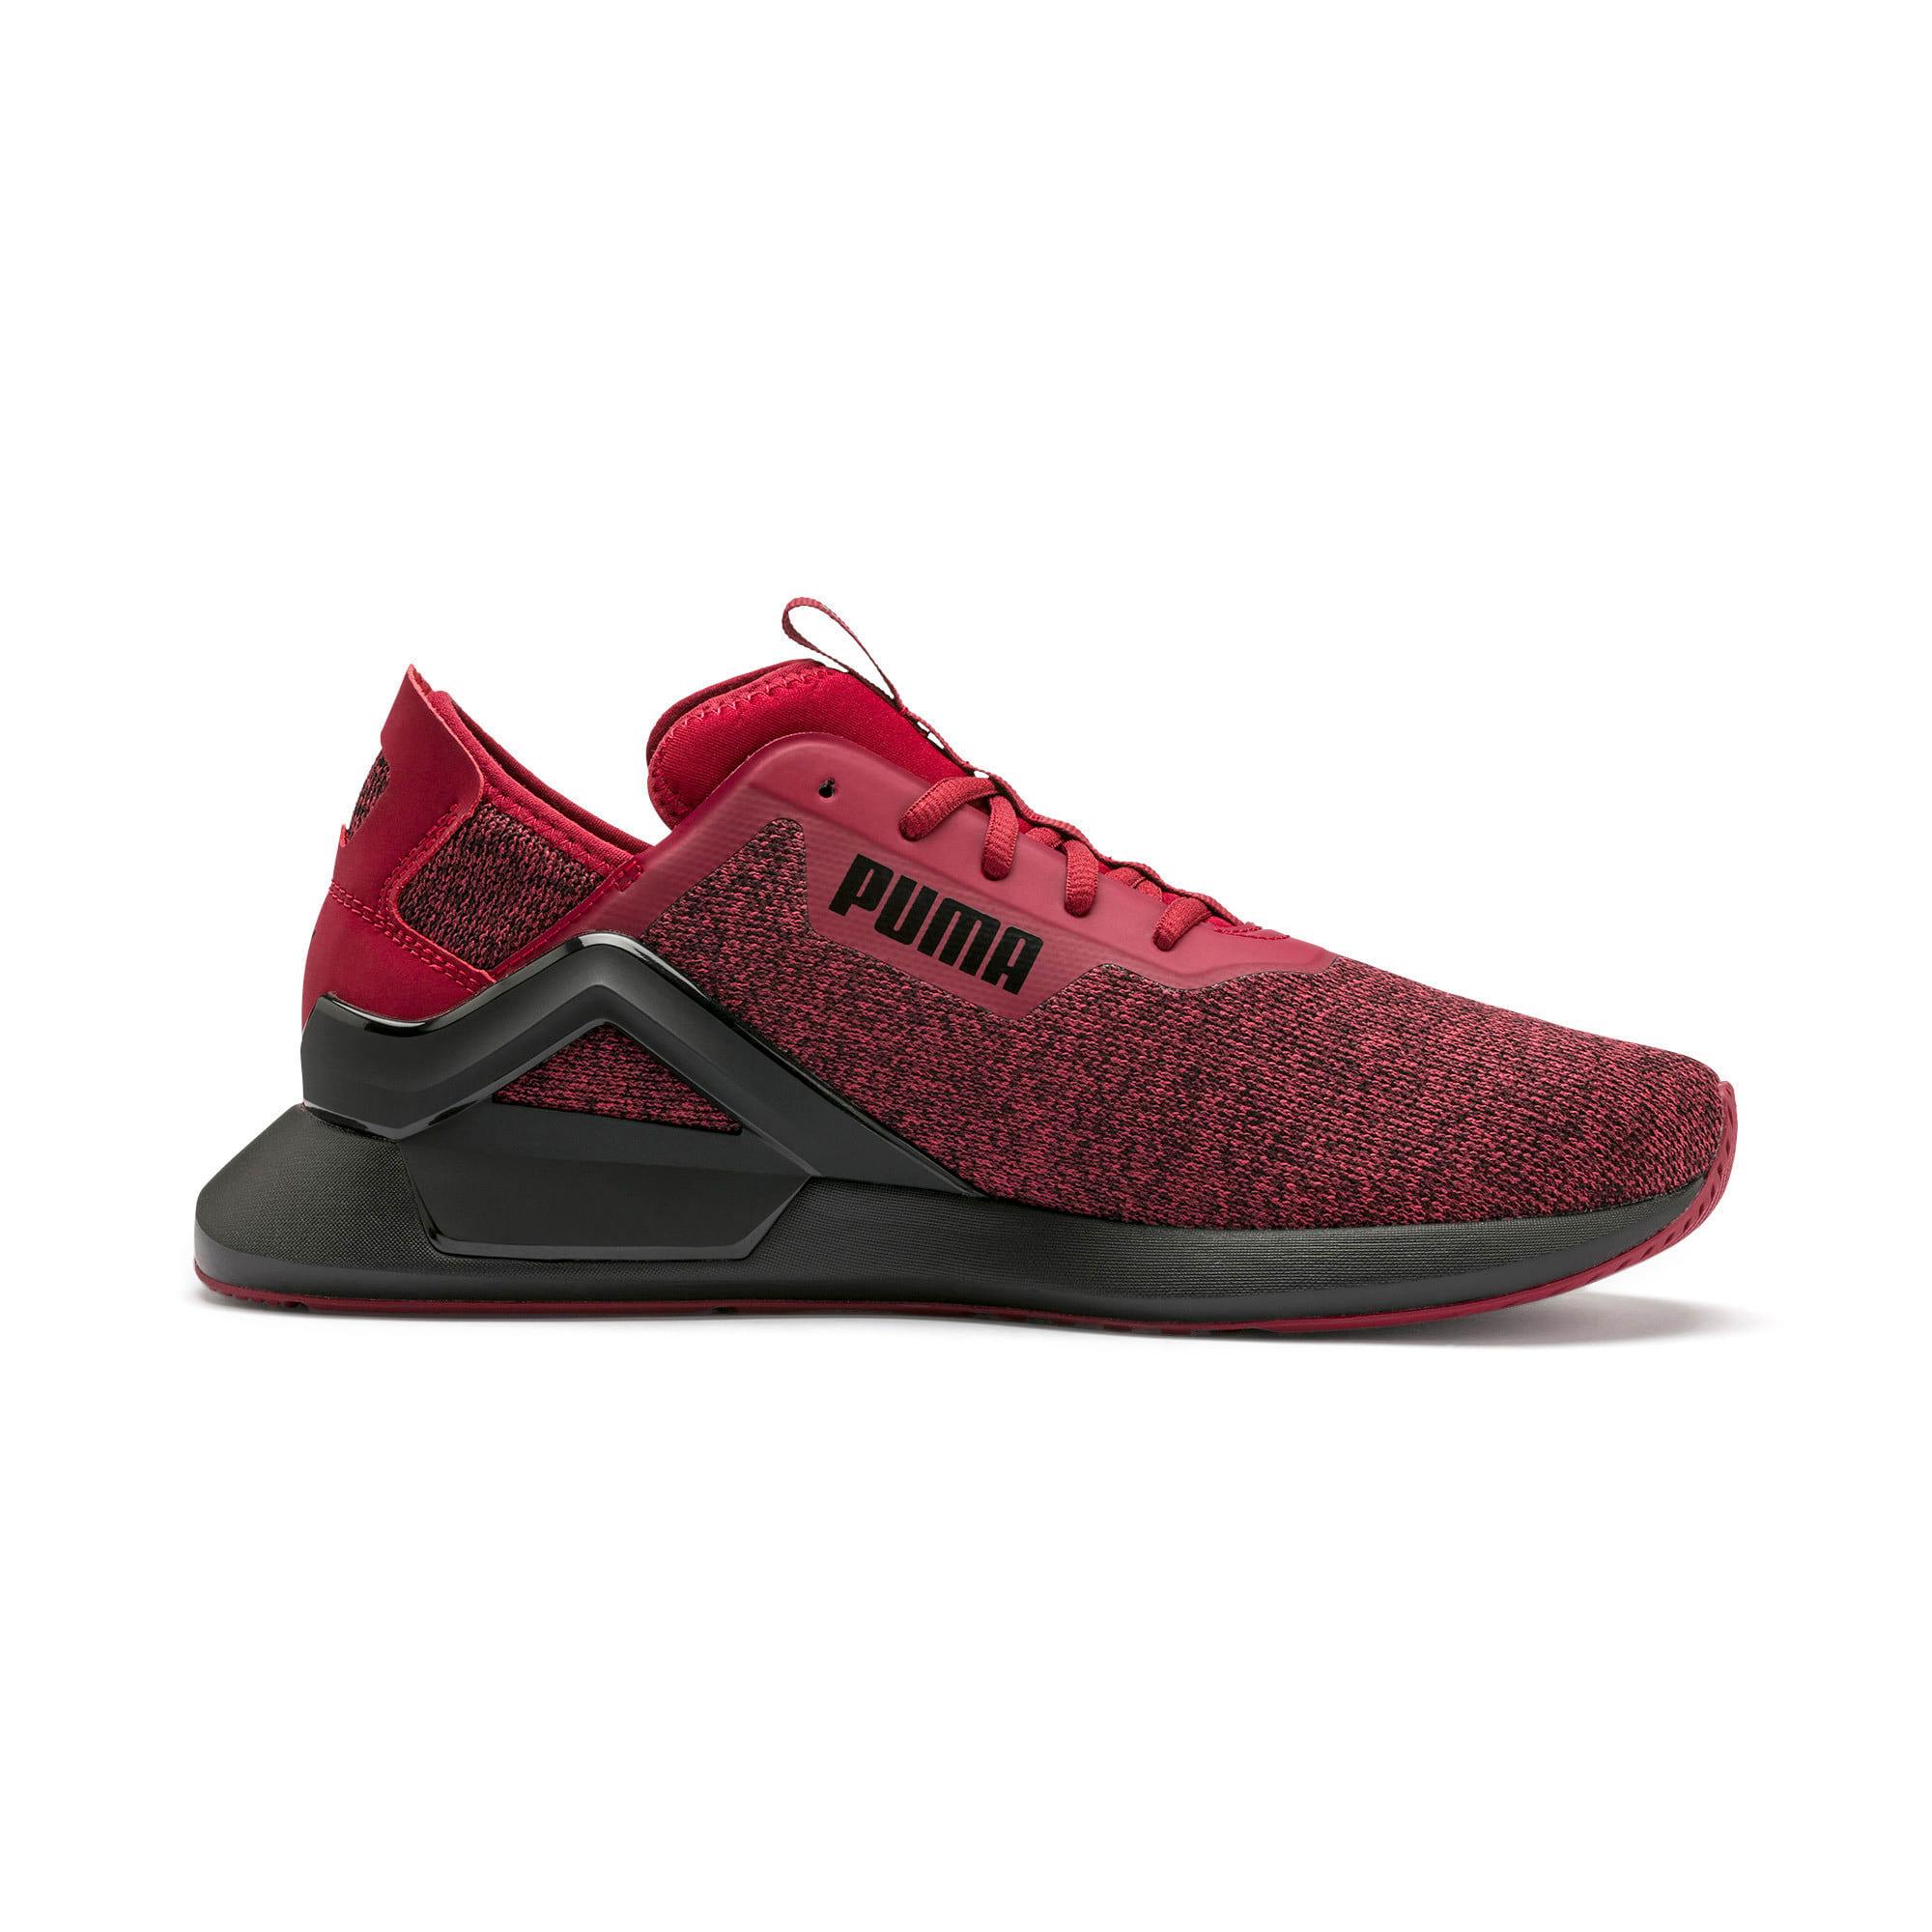 Miniatura 6 de Zapatos de entrenamiento Rogue X Knit para hombre, Rhubarb, mediano